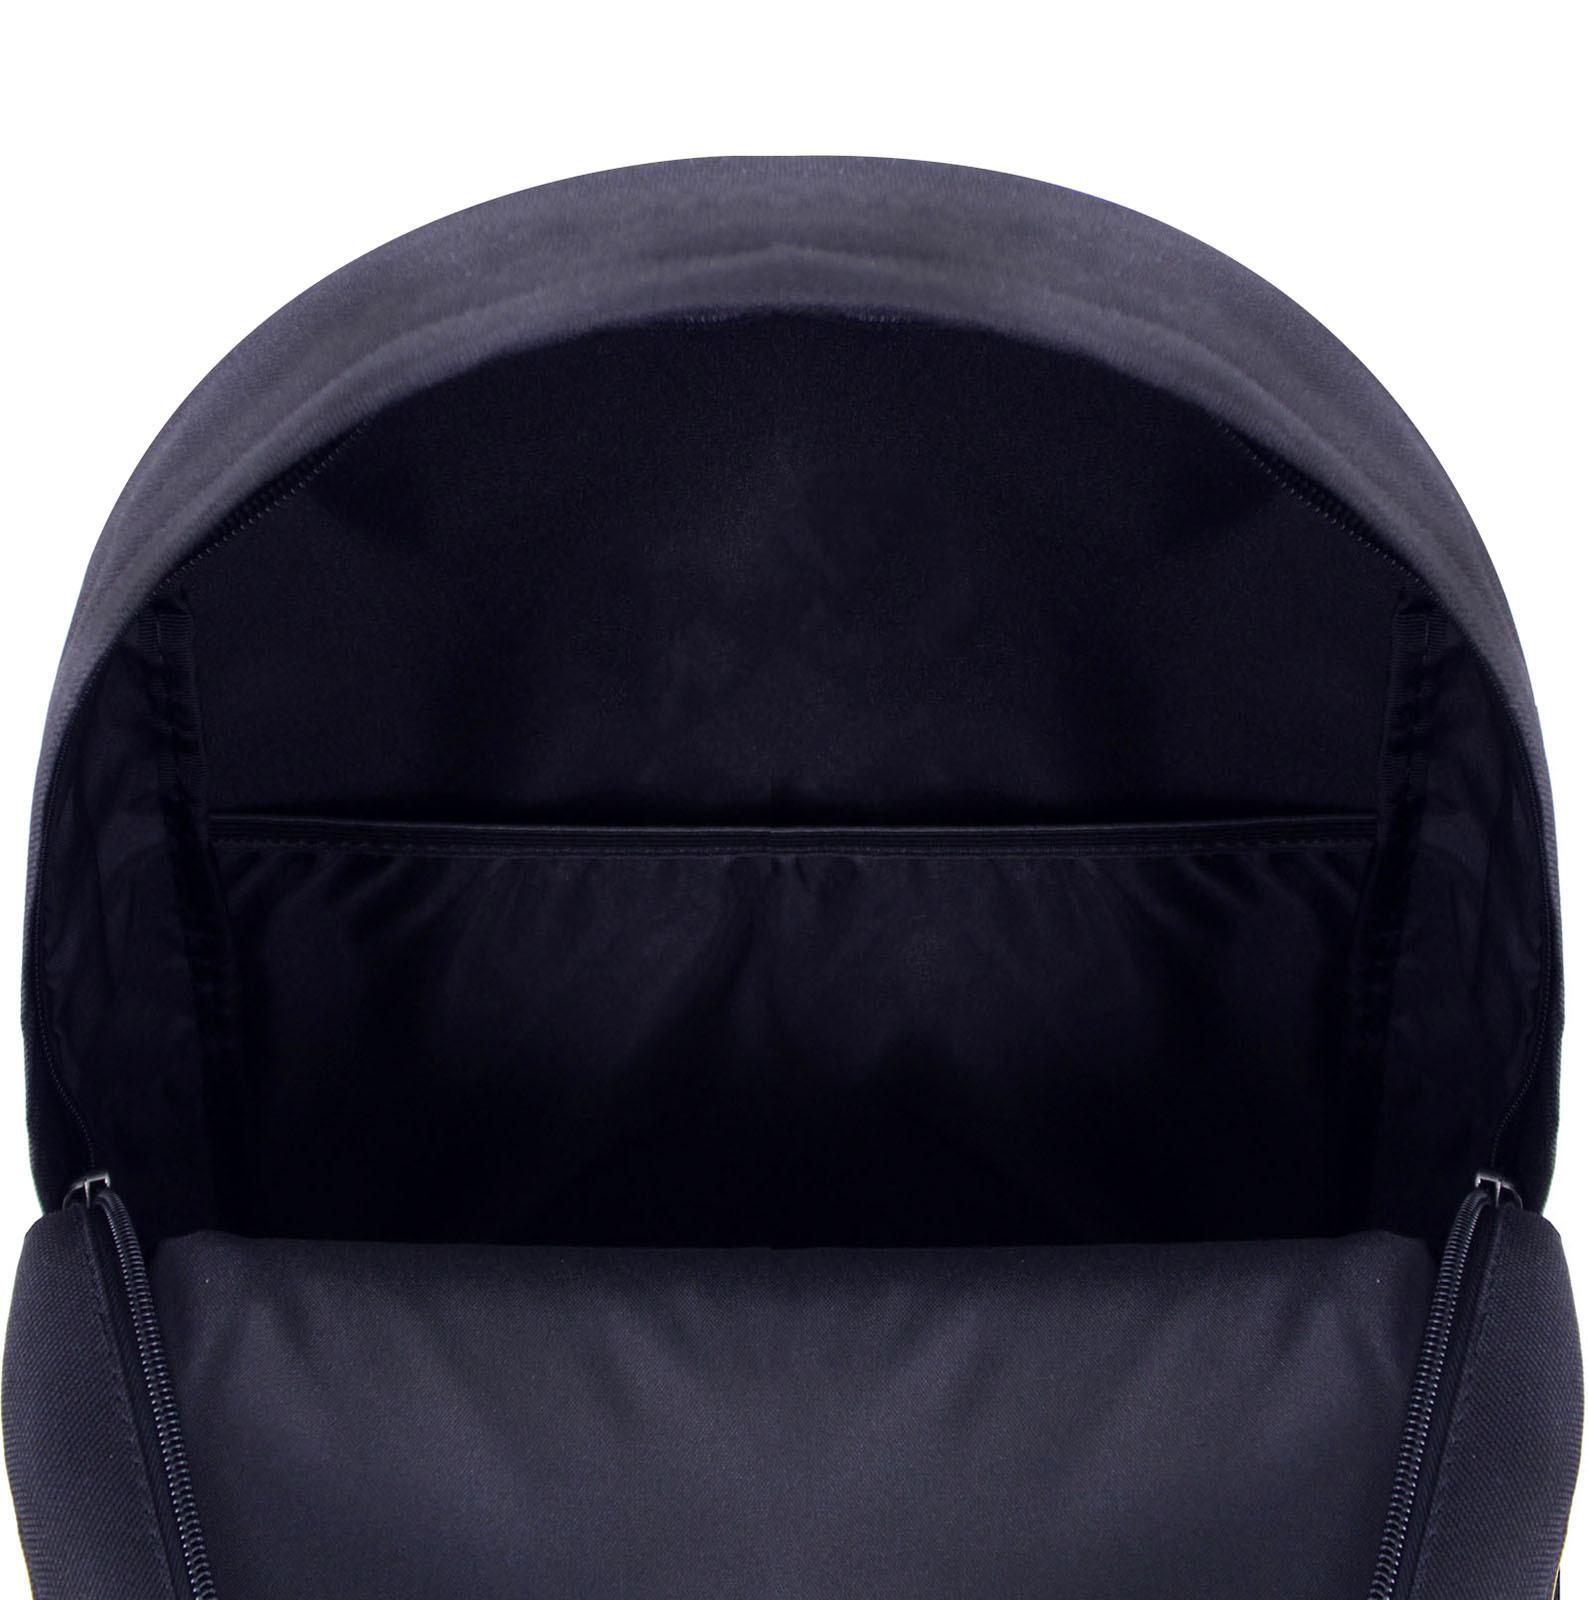 Рюкзак Bagland Молодежный W/R 17 л. Чёрный 737 (00533662) фото 5